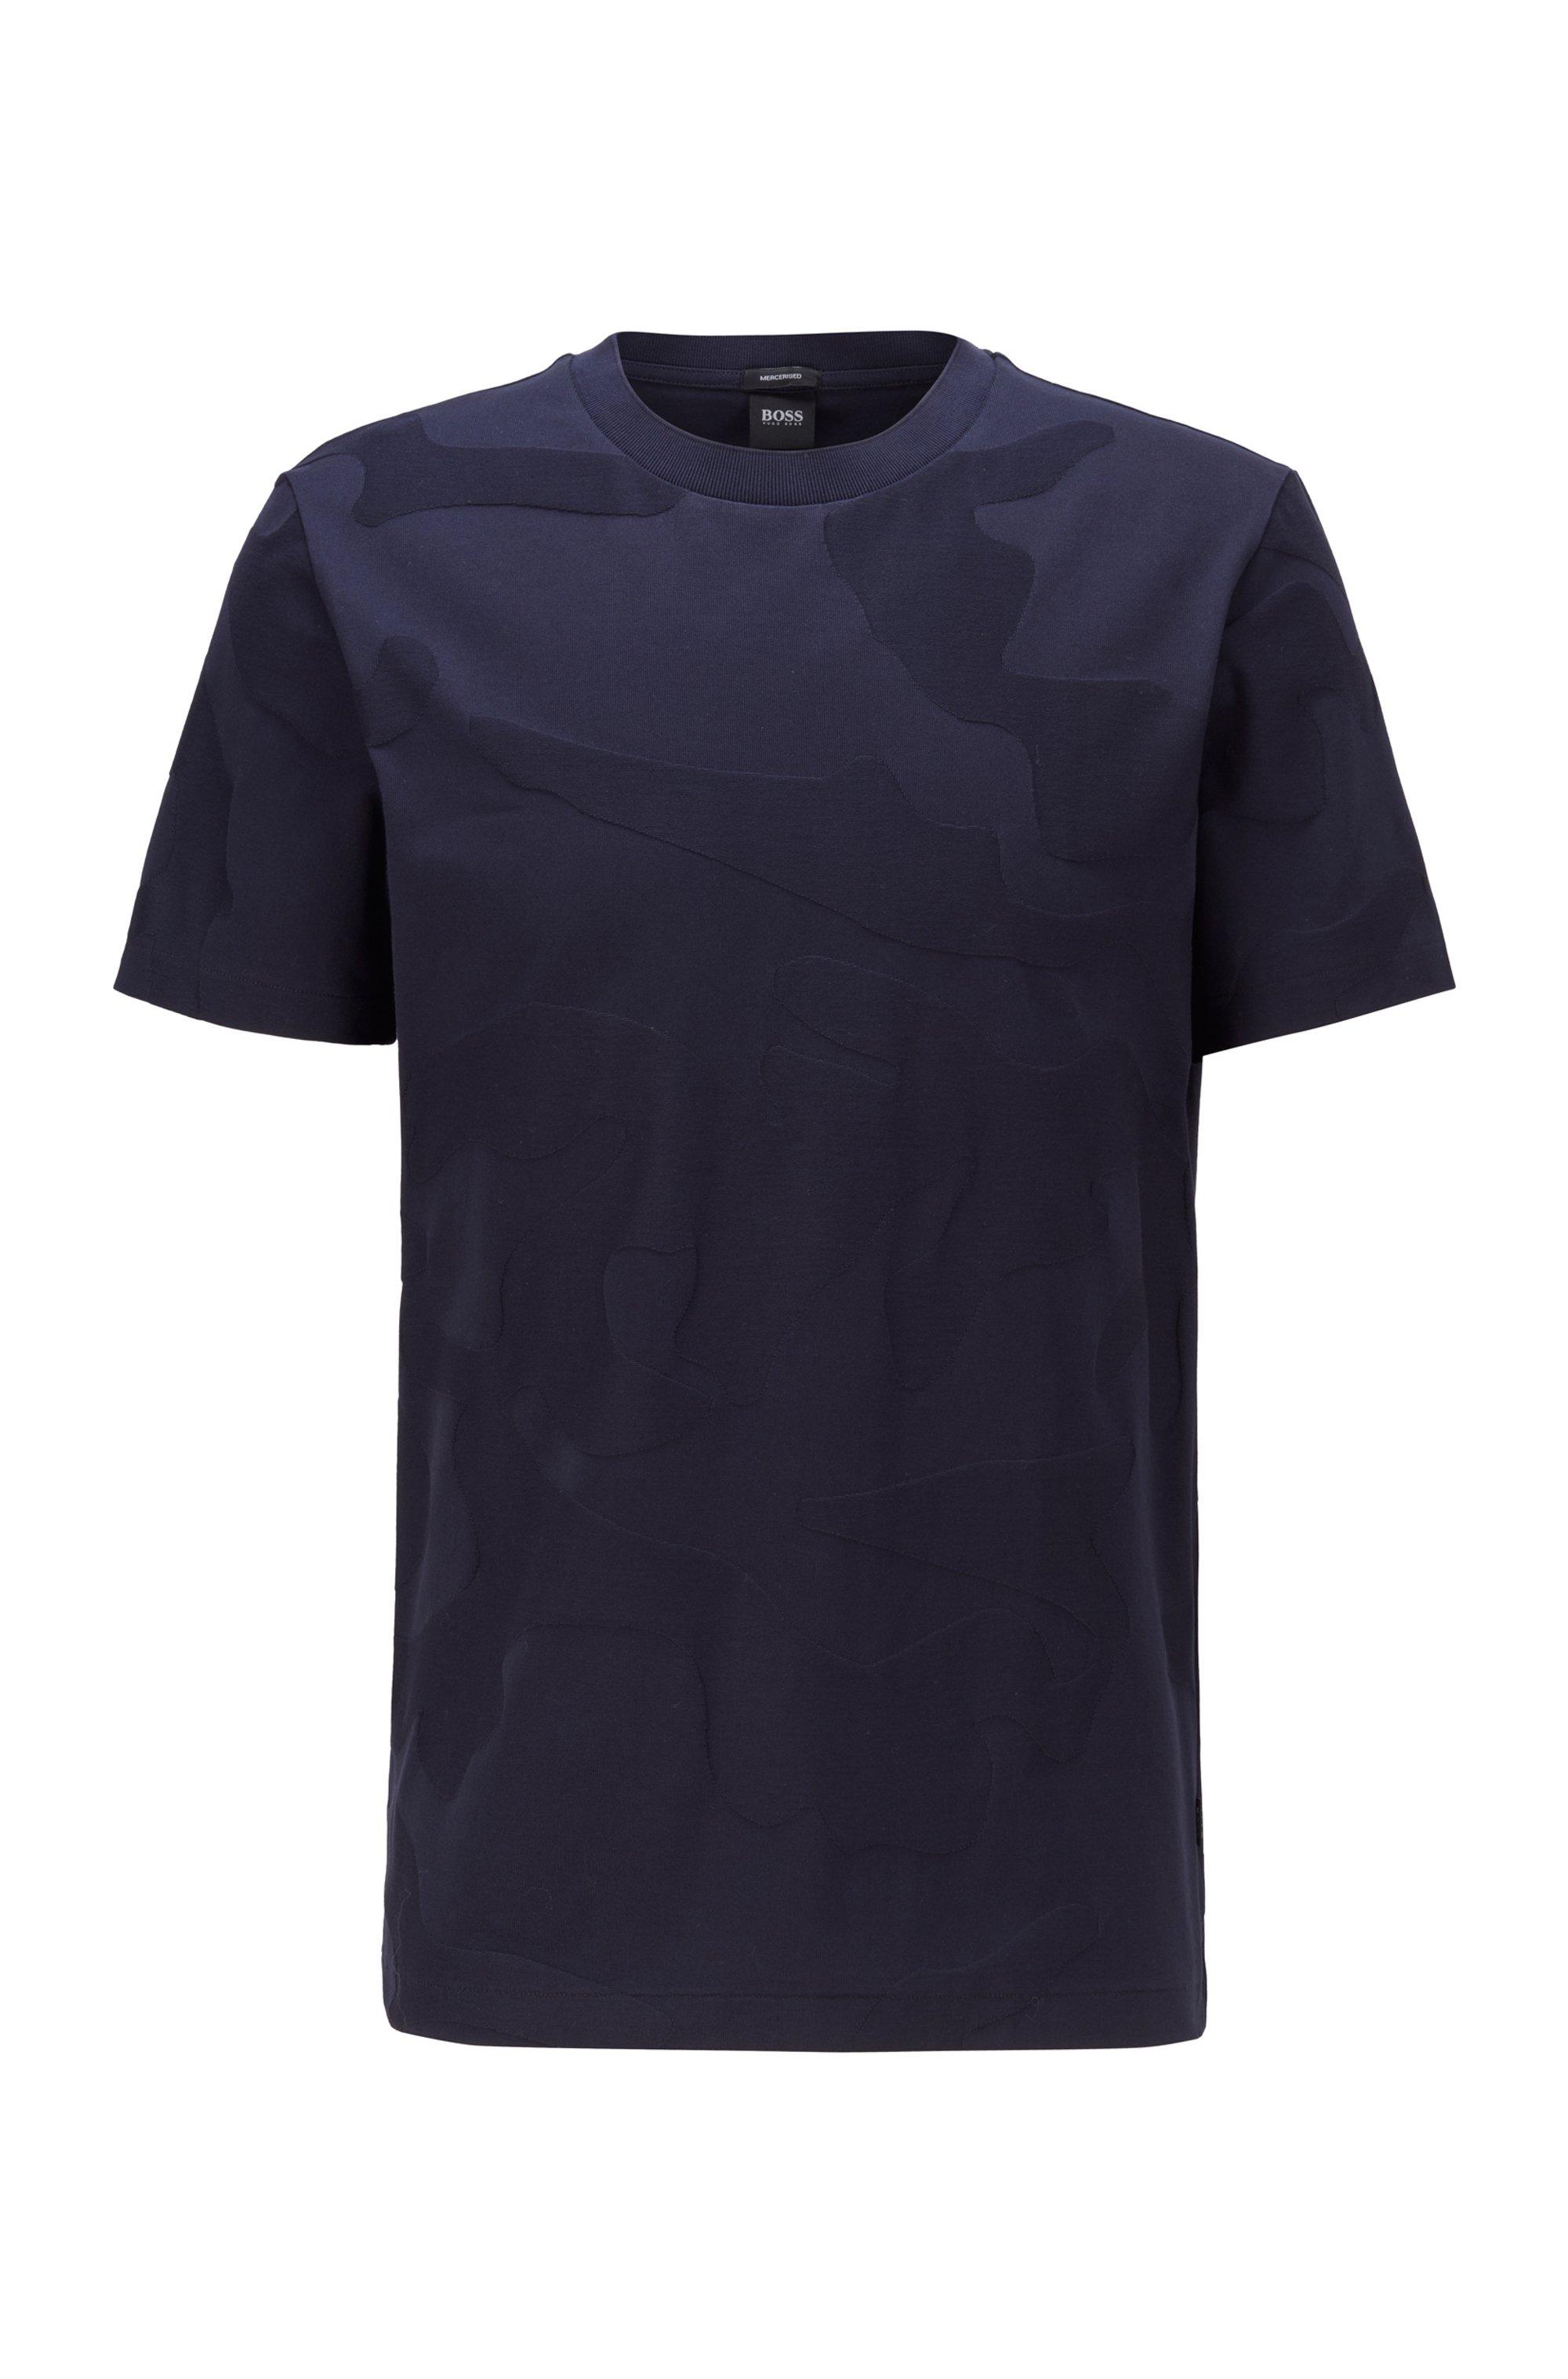 T-shirt in cotone mercerizzato con motivo camouflage jacquard, Blu scuro